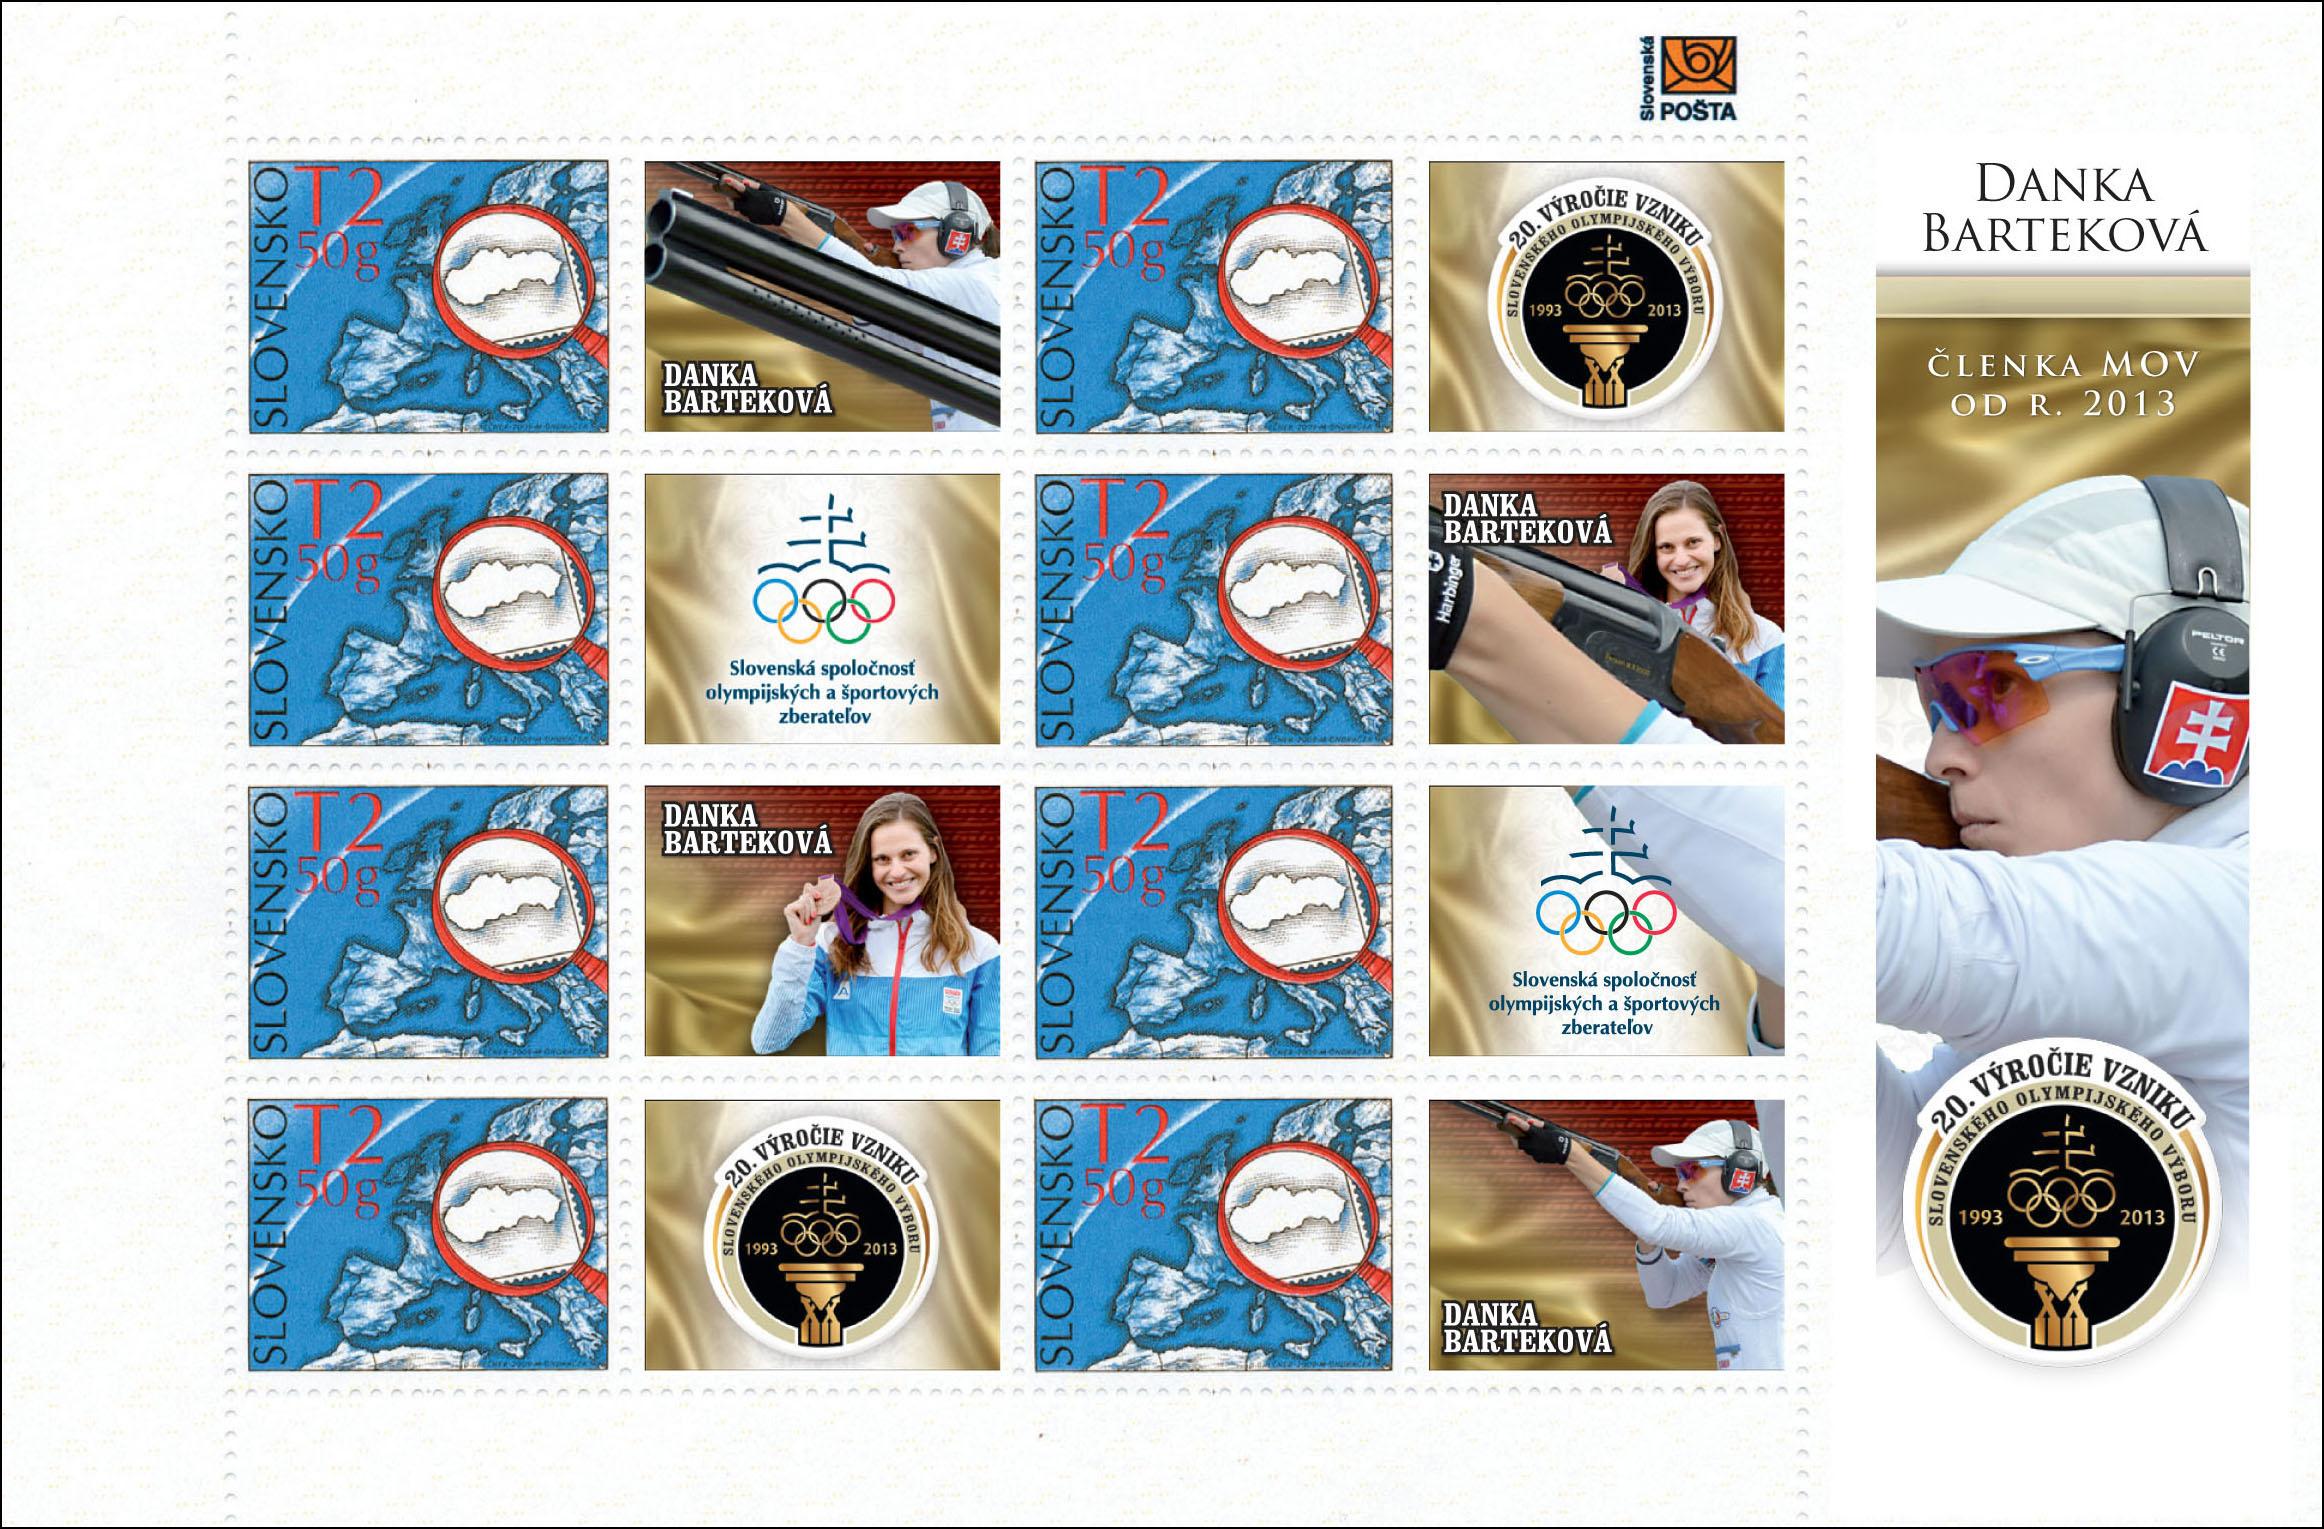 Známka s personalizovaným kupónom 20. výročie SOV - Danka Barteková členkou MOV